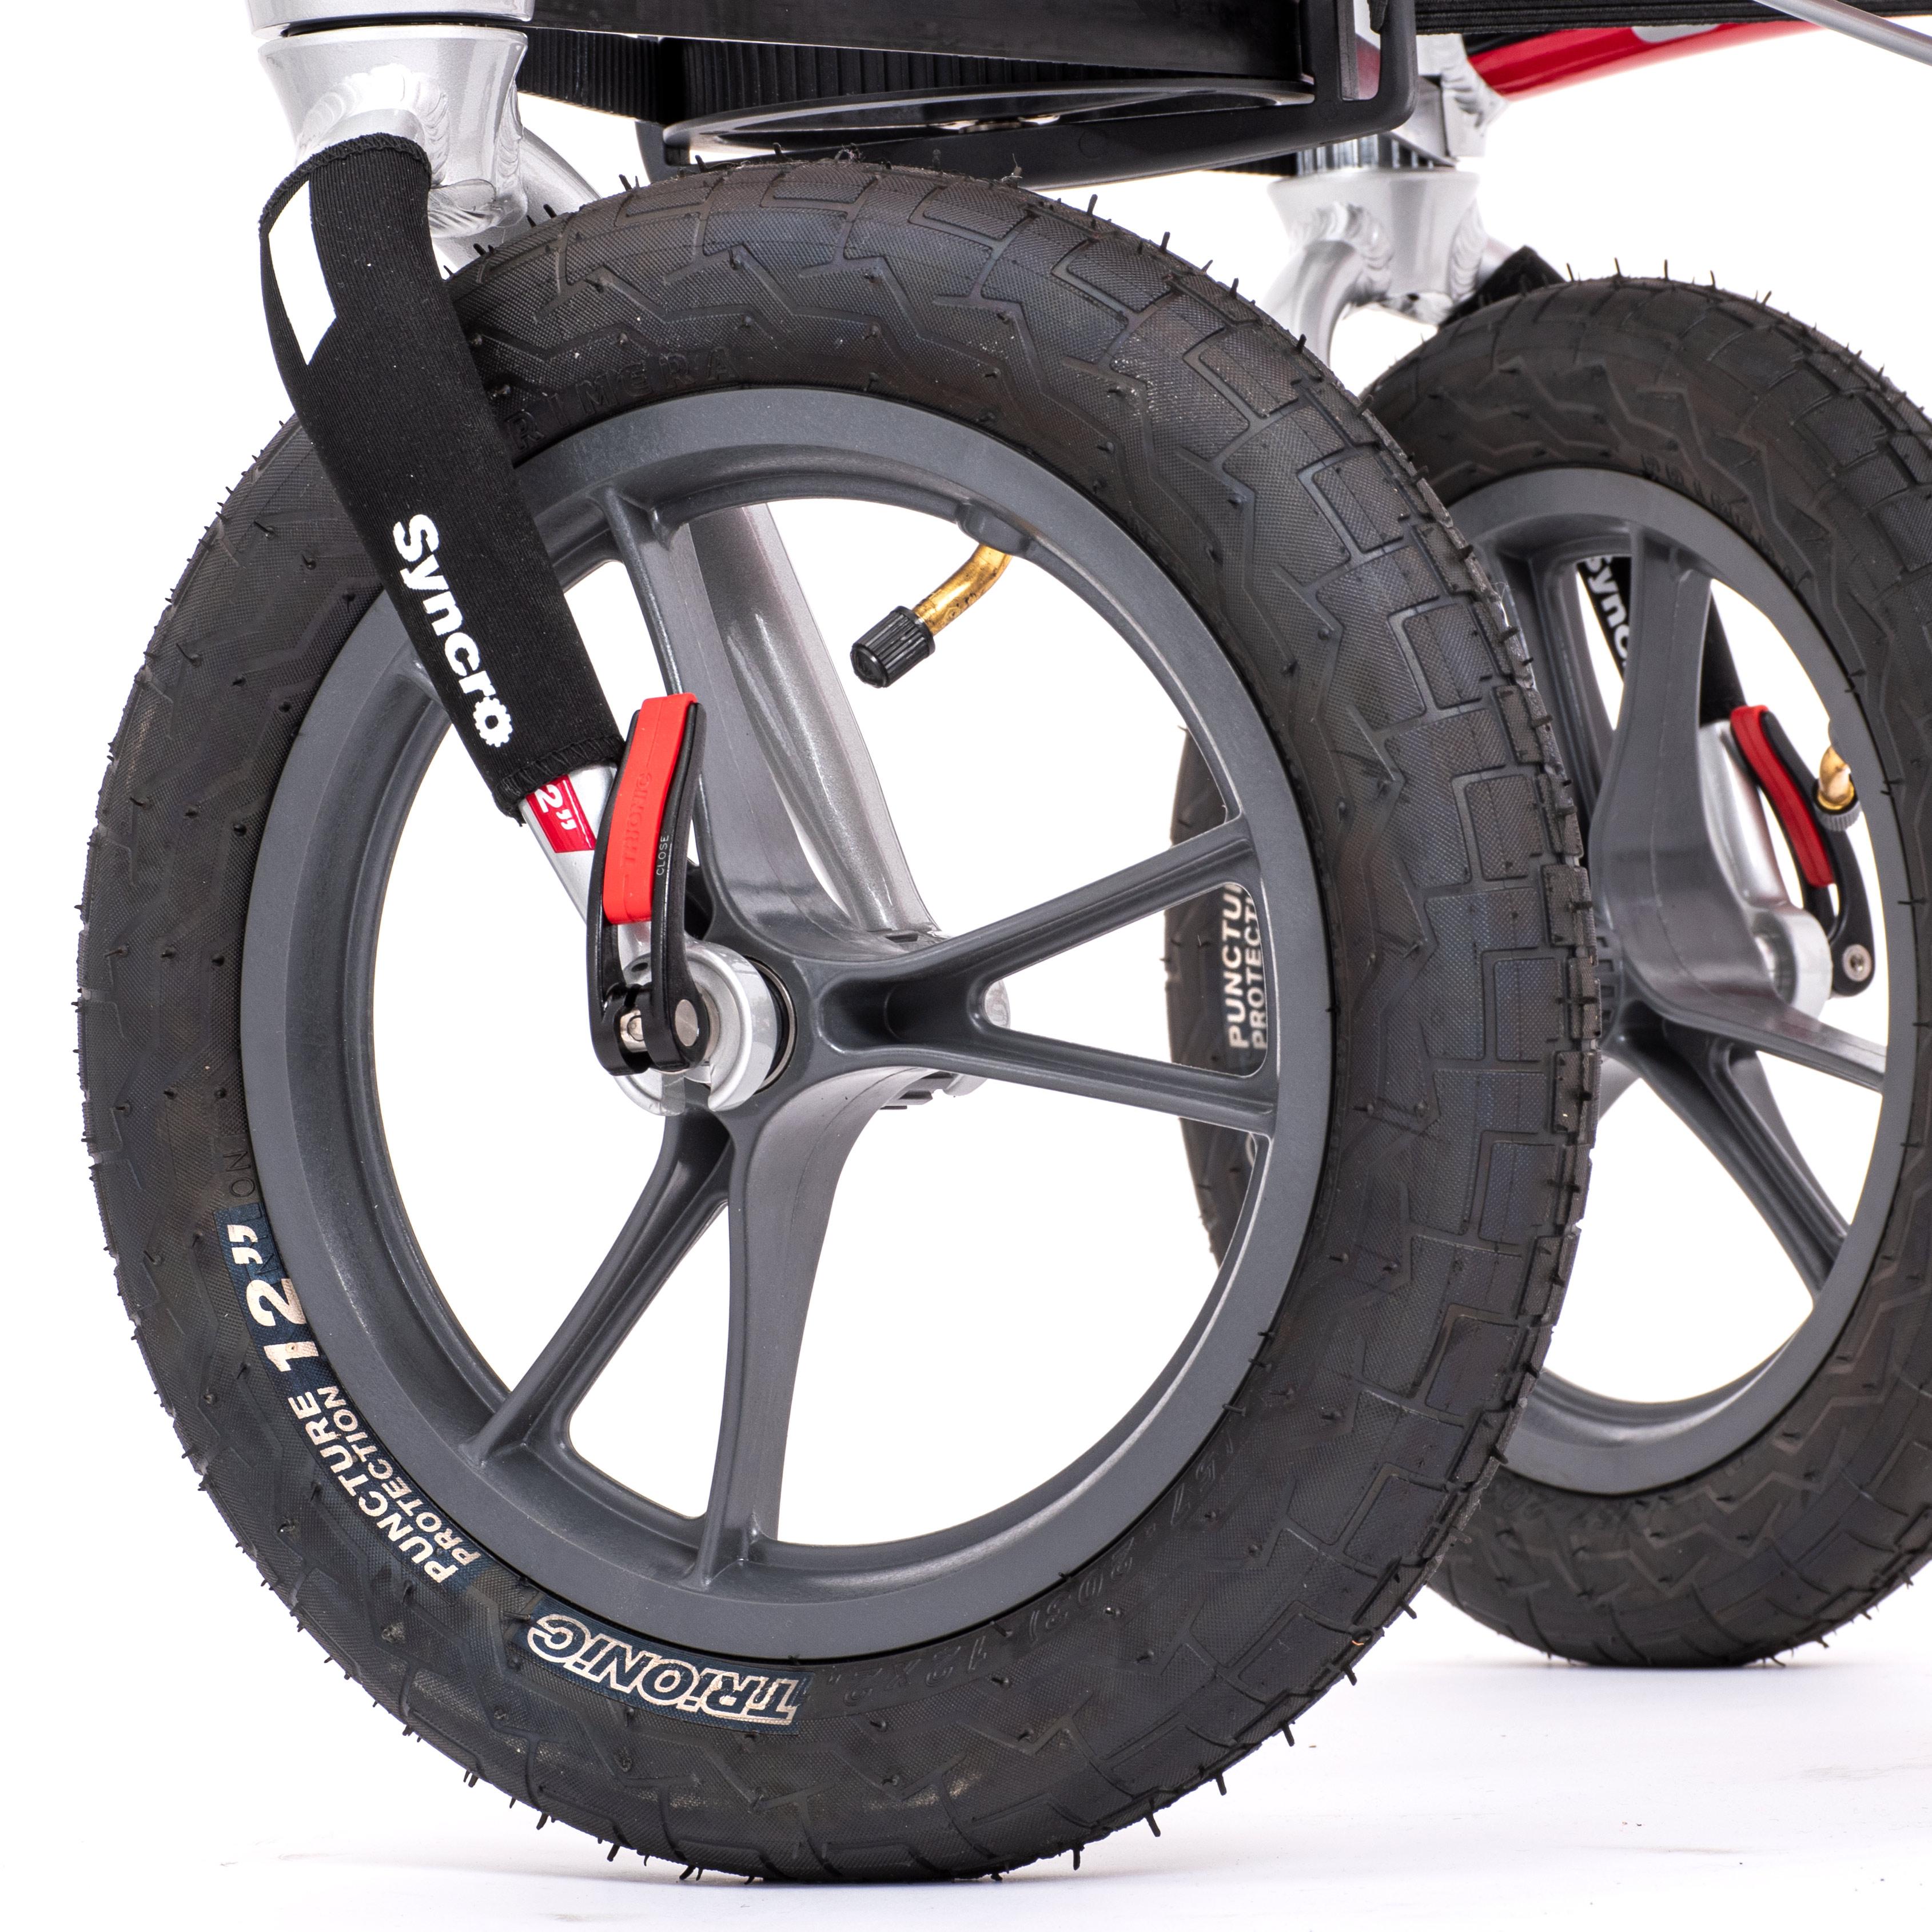 Les grandes roues de 12